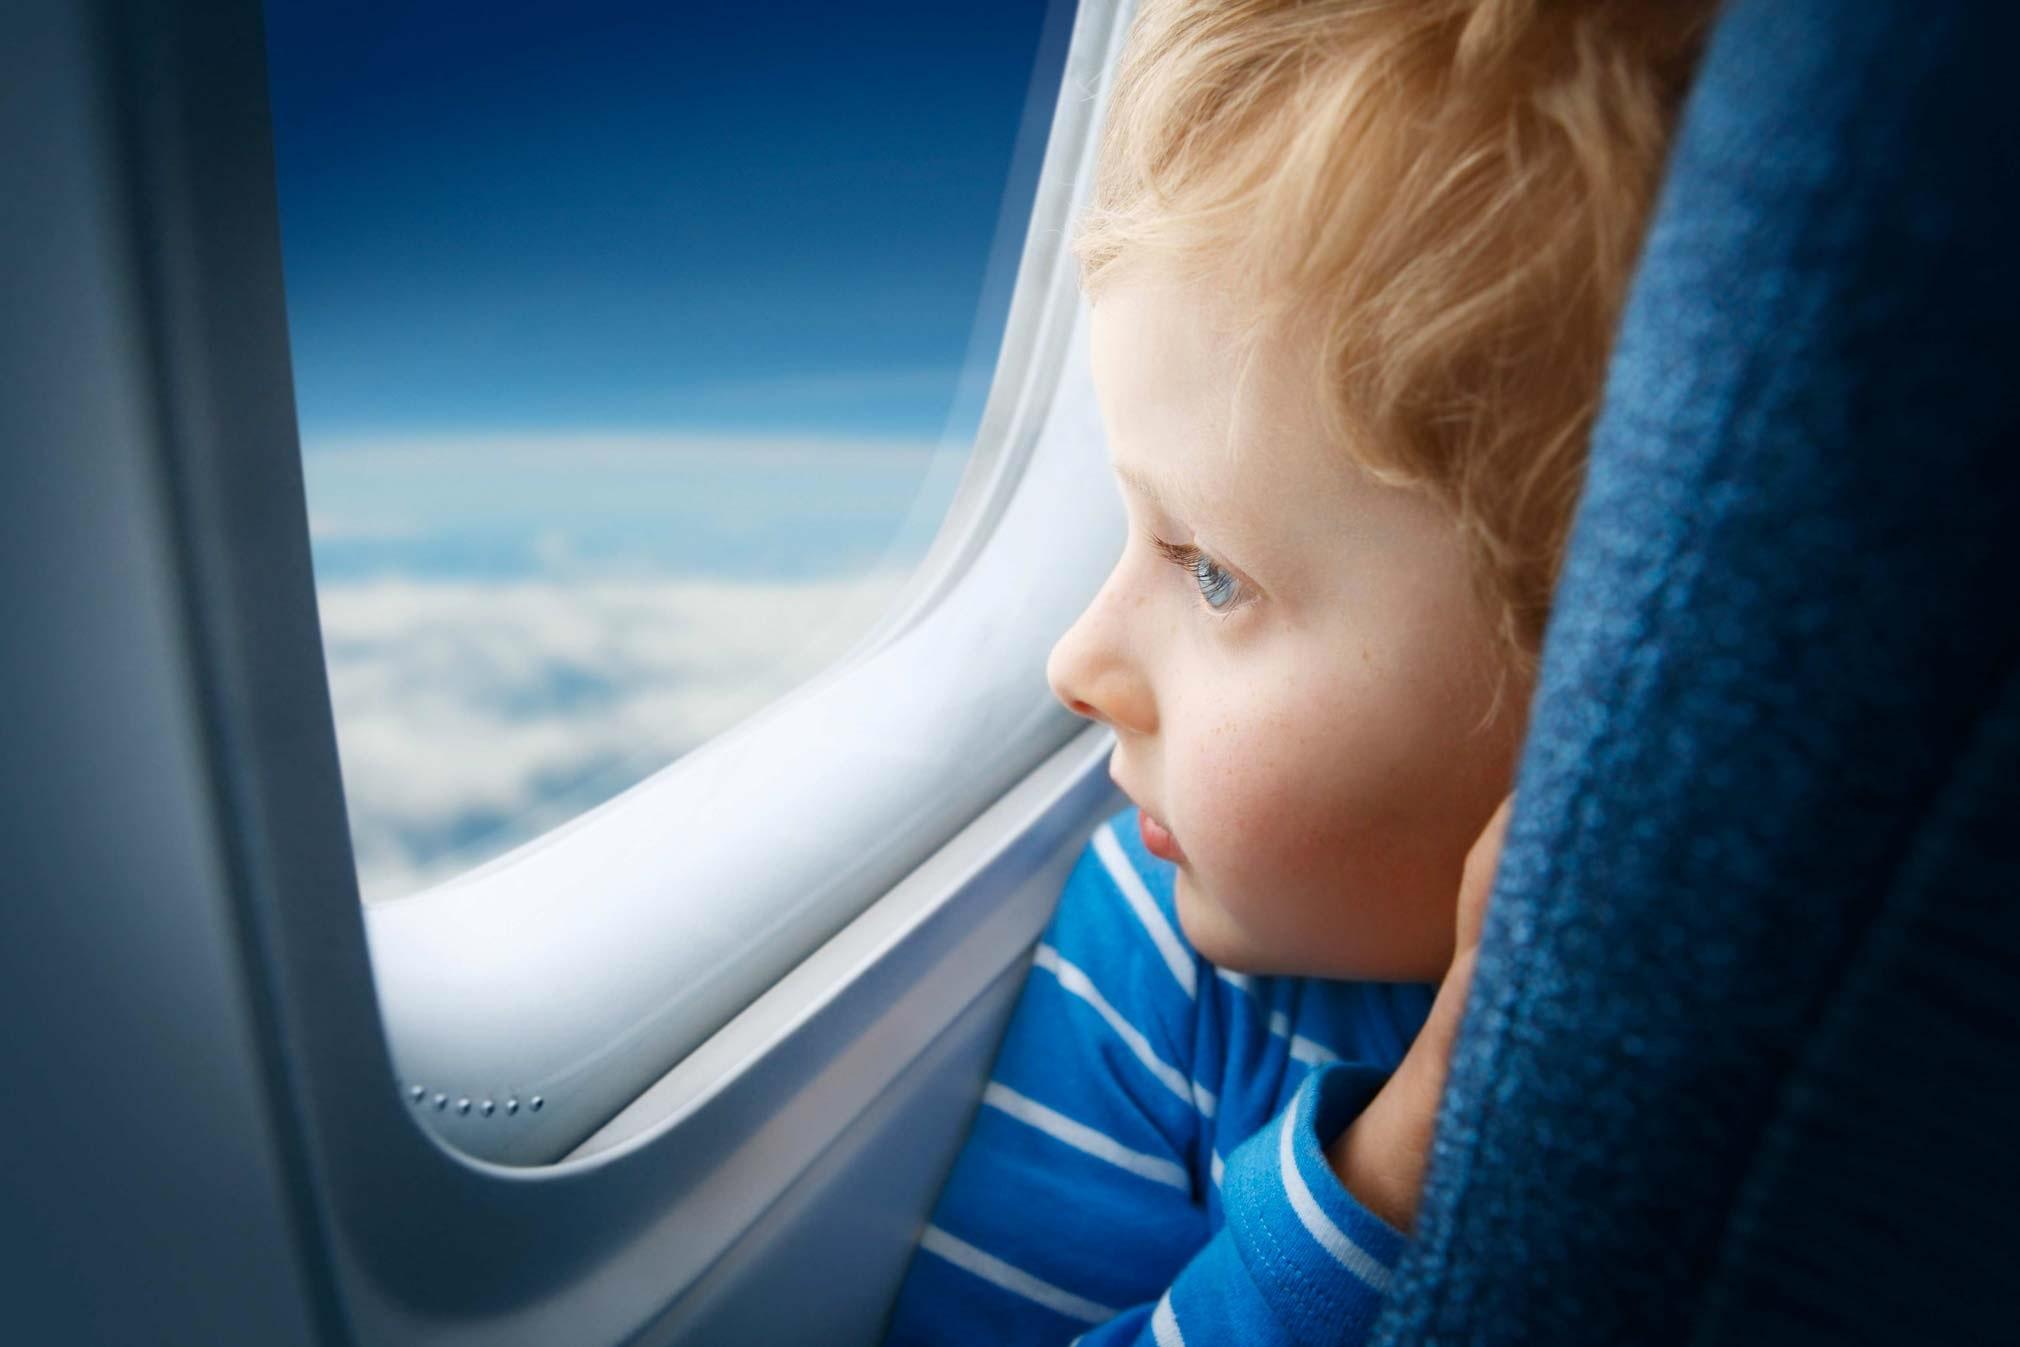 A che età i bambini possono viaggiare da soli